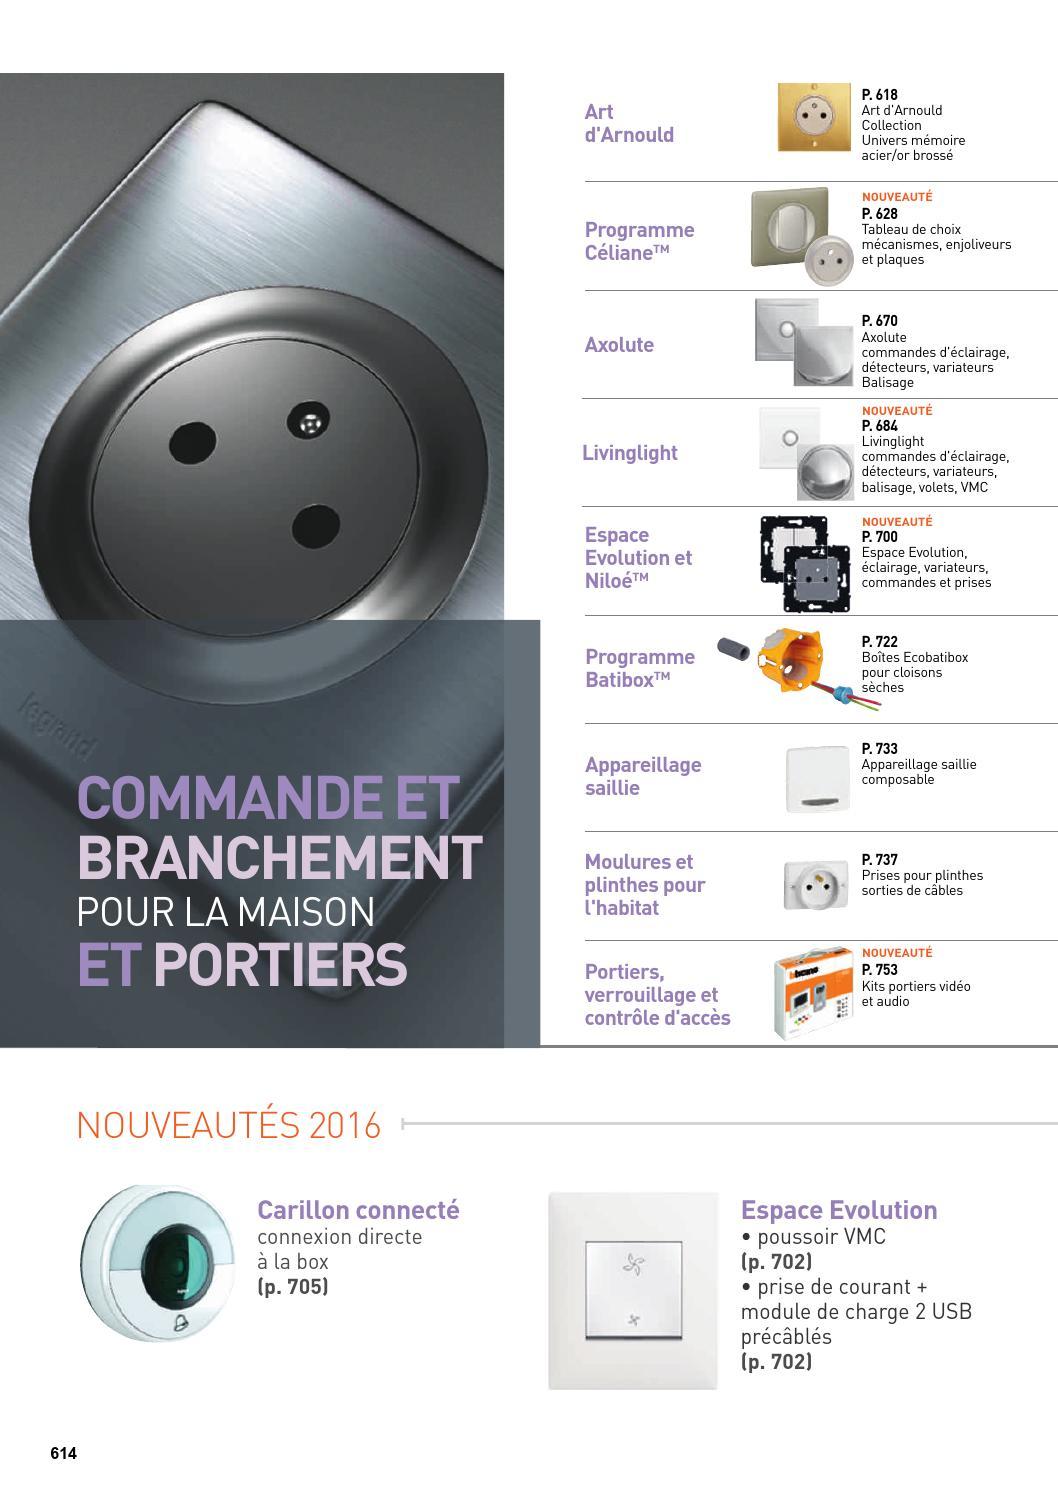 Branchement Maison Pour La Legrand Commandesamp; PortiersBy Et sQhtdCr